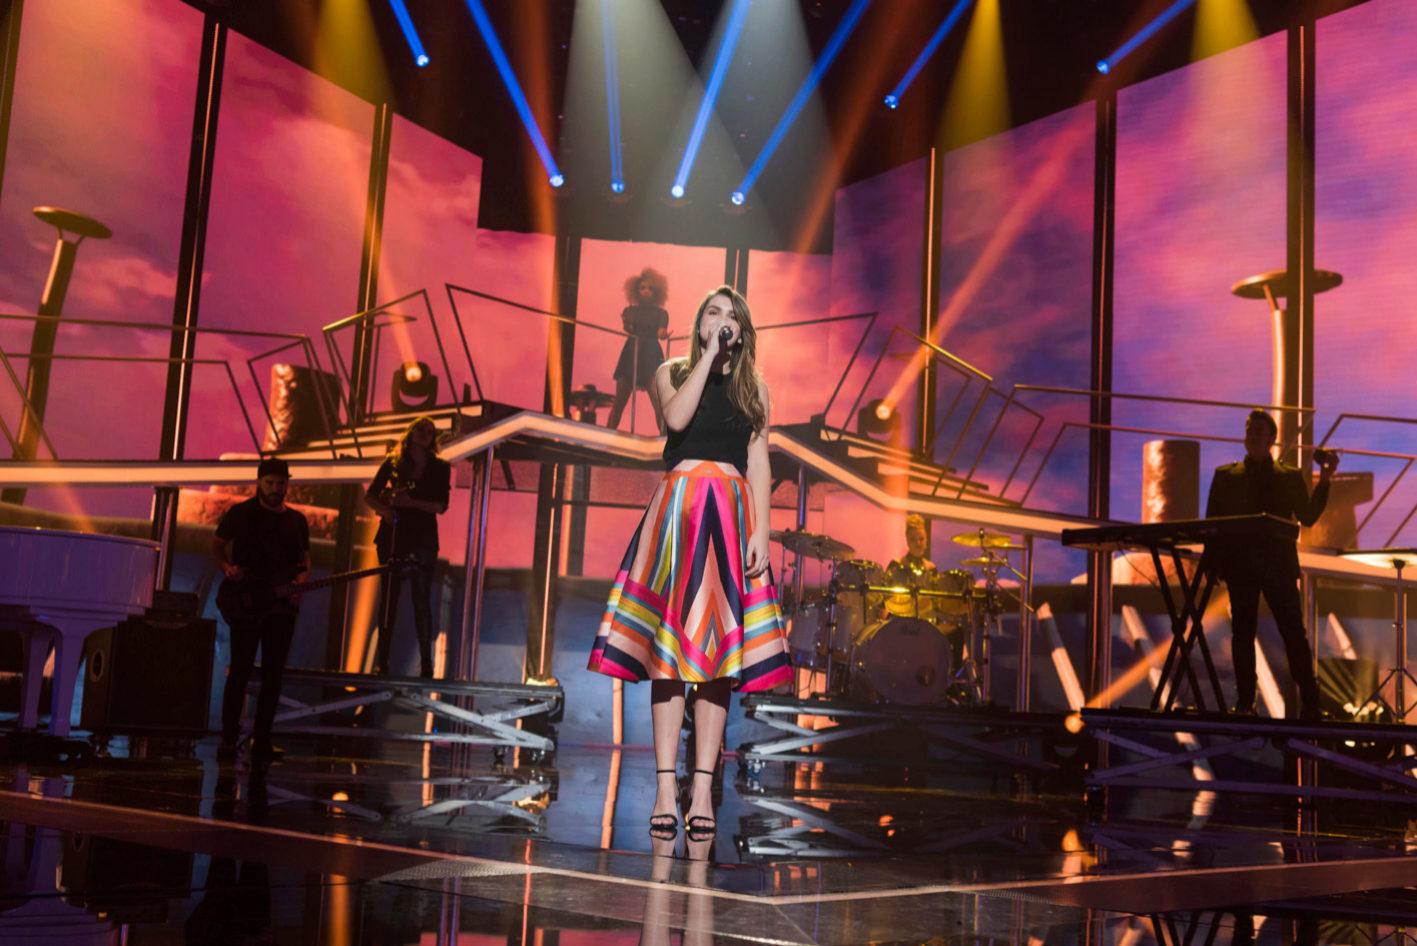 Amaia, en su actuación de 'Al cantar', en los estudios de Sant Cugat...